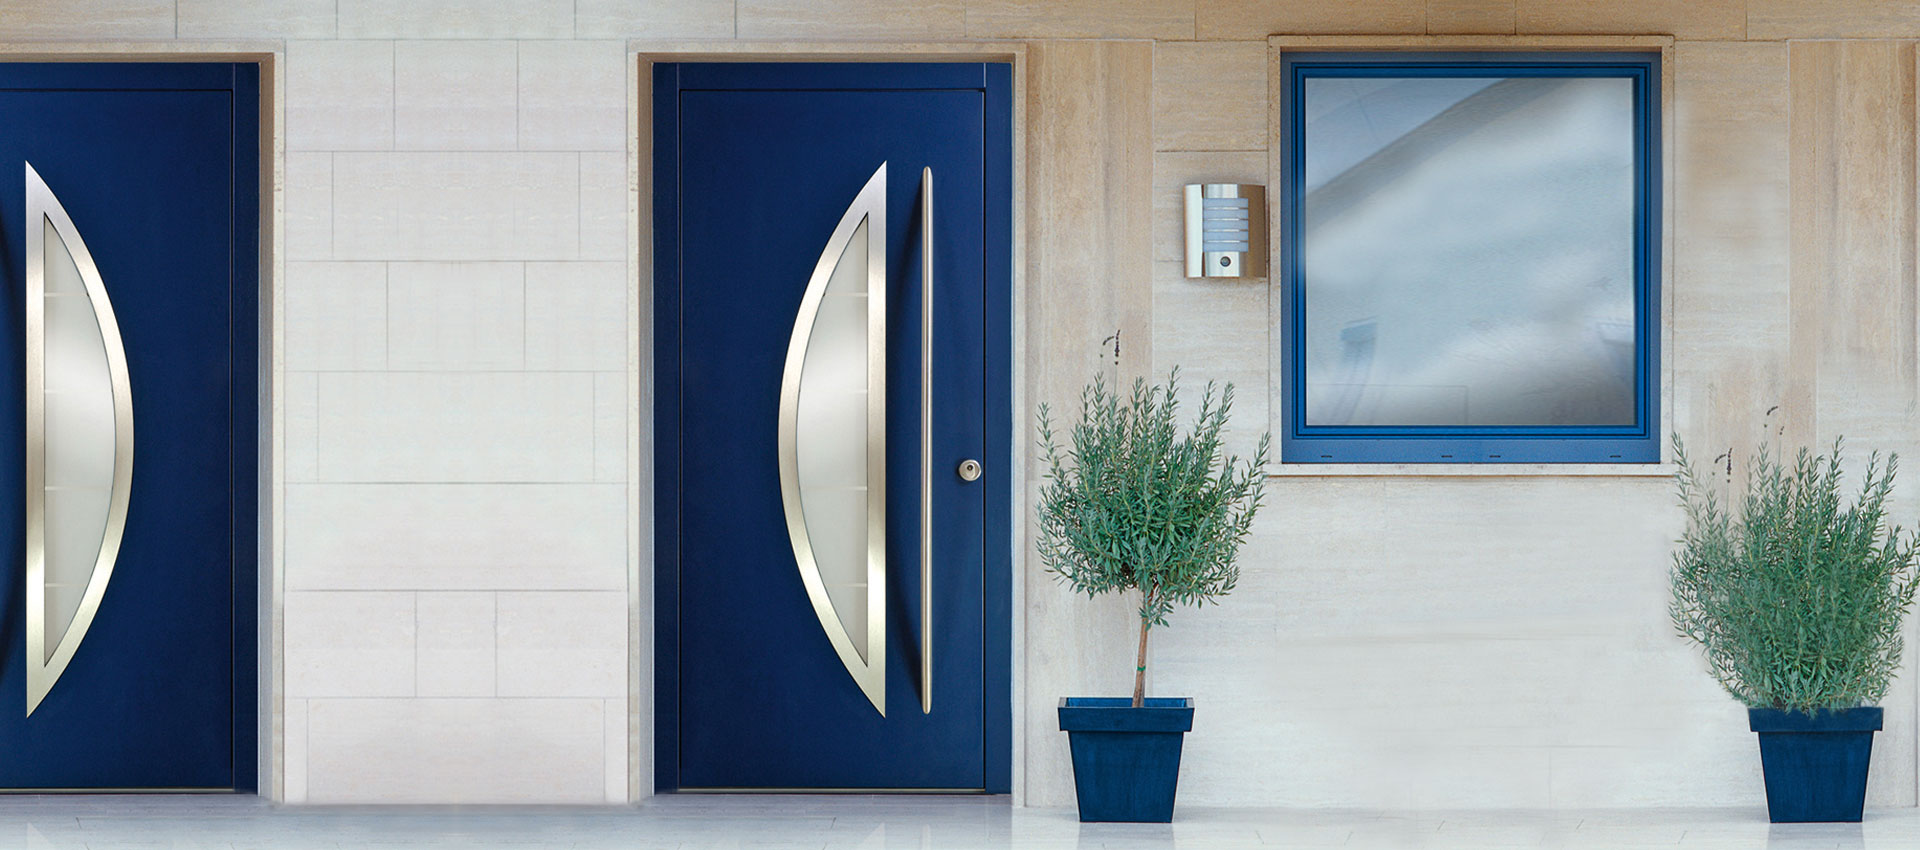 Porte d 39 ingresso okna samoraj porte e finestre in pvc for Porte d ingresso